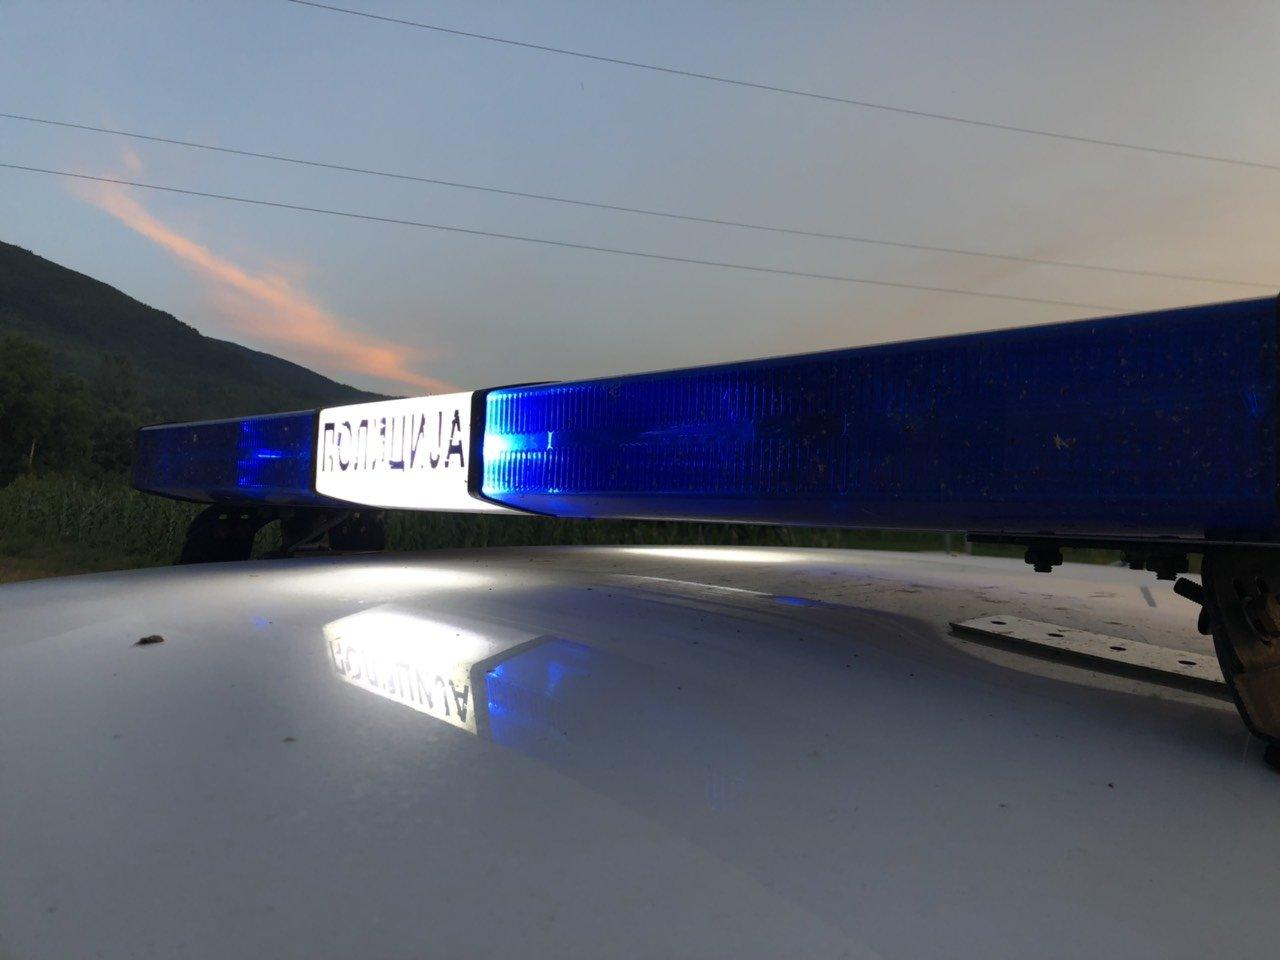 Muškarac izvršio samoubistvo u selu Lalinac